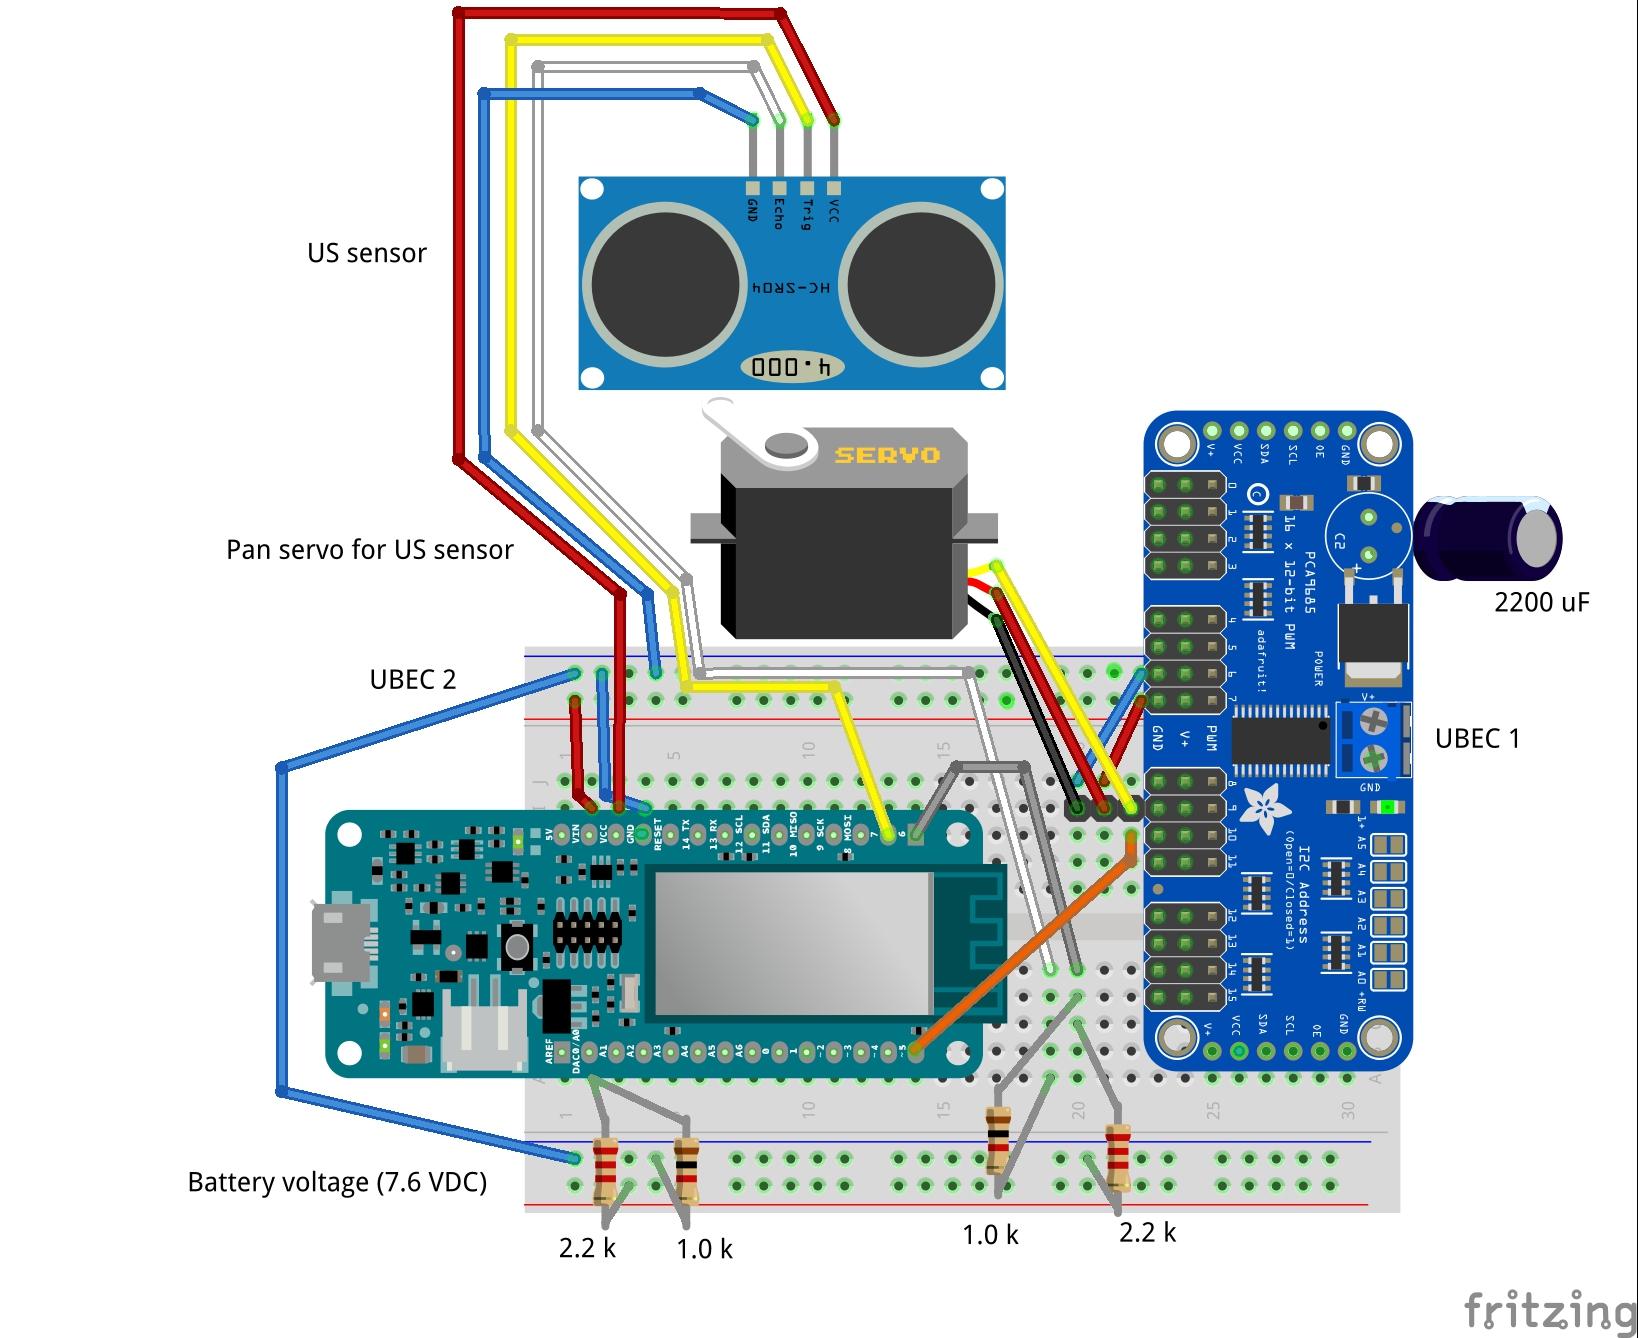 Us sensor and servo bb qagr4pjkvo